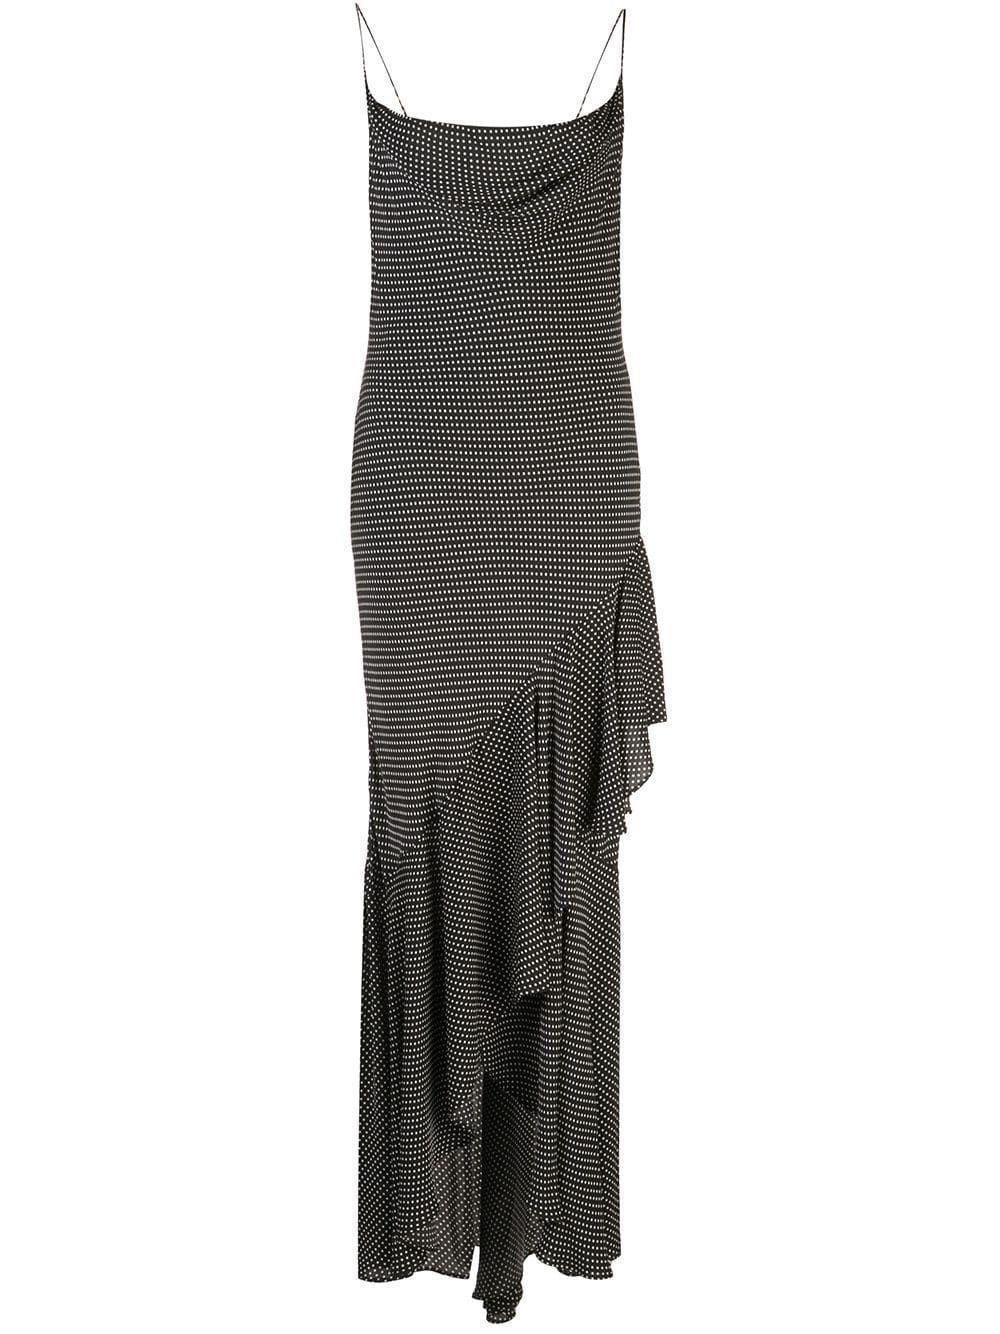 Ginger Cowl Neck Ruffle Skirt Dress Item # CC003P37533-C